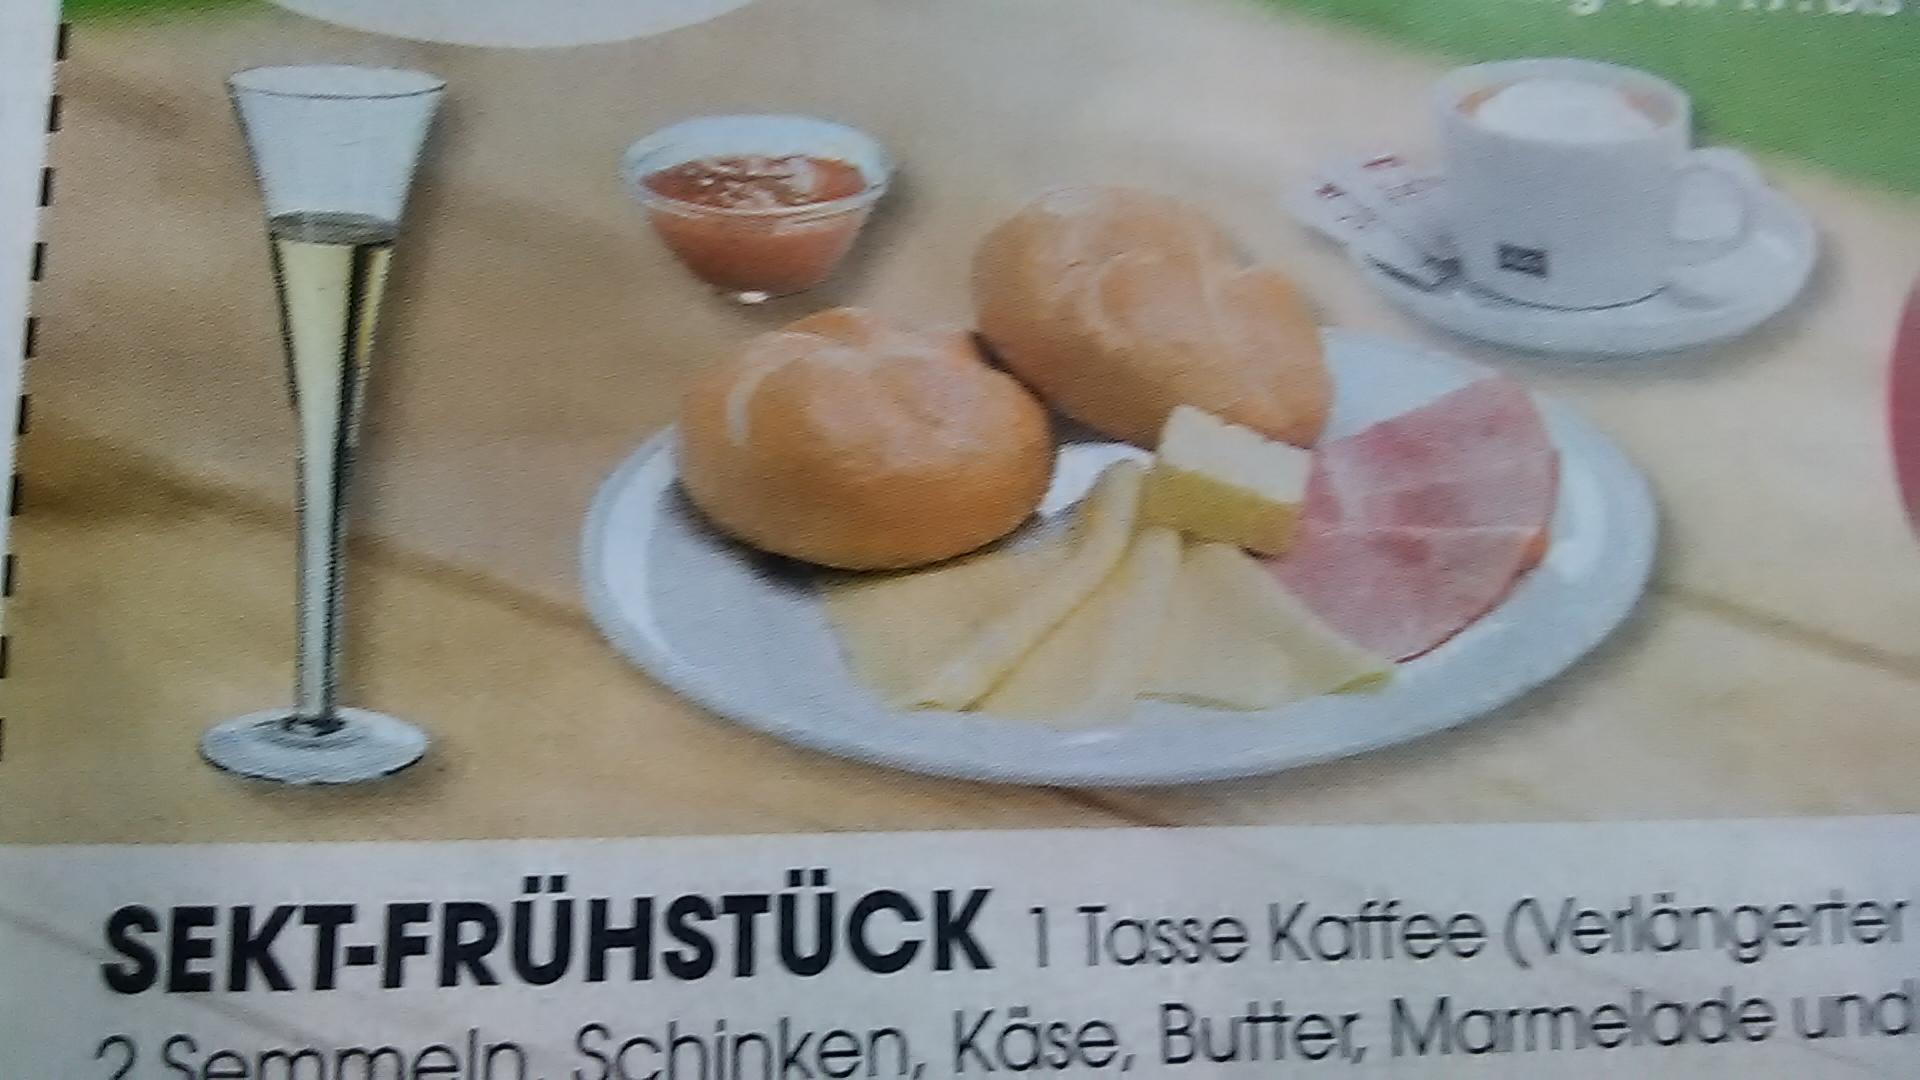 Sekt-Frühstück € 2,90 | 18 x in Österreich